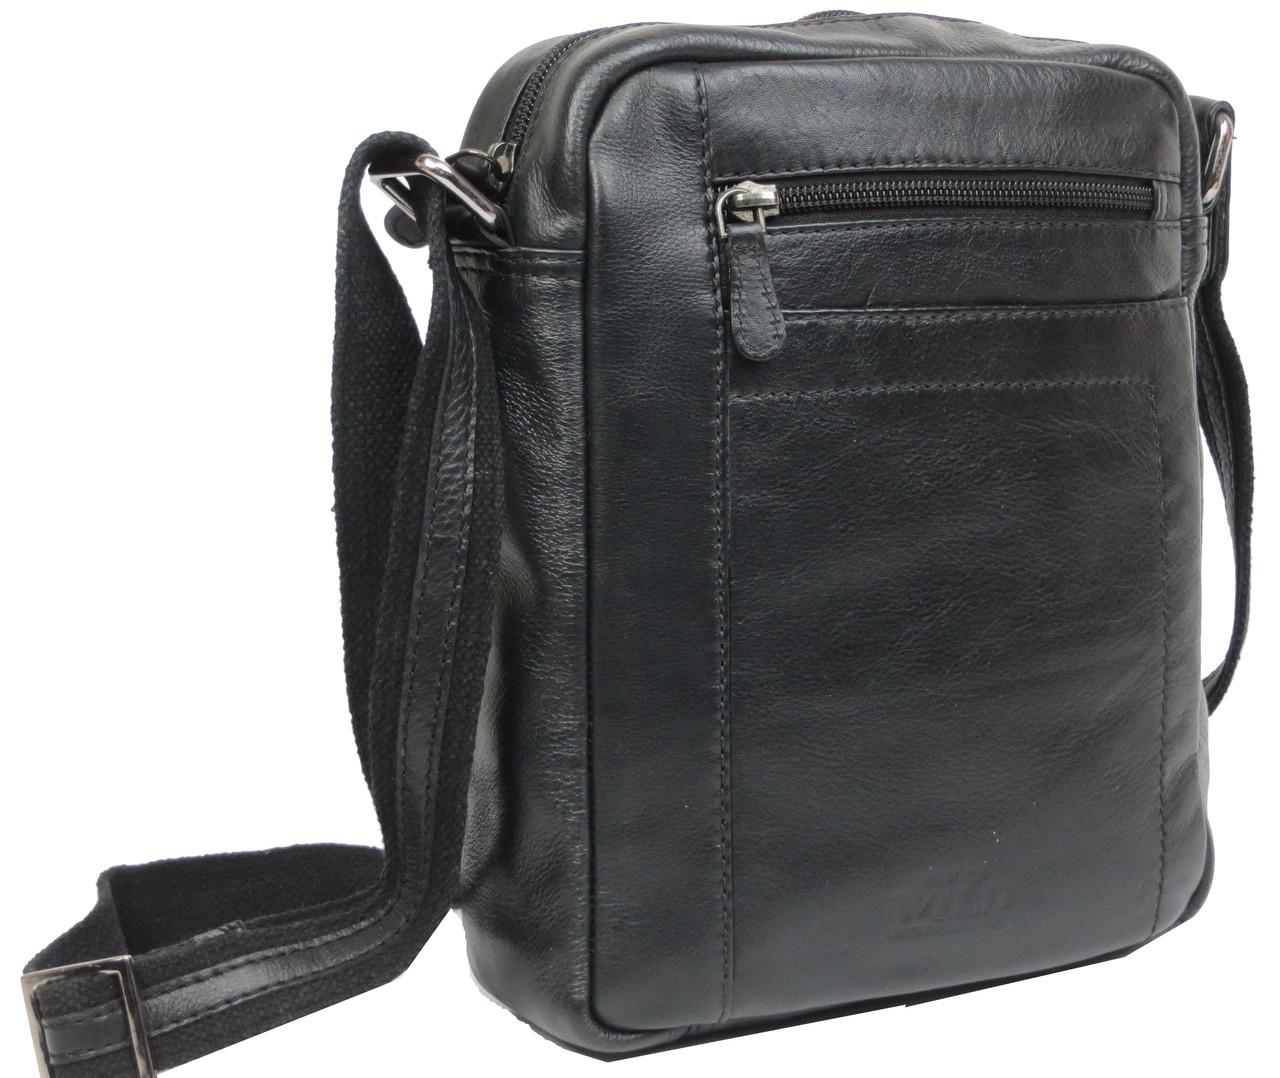 35c8eebaa143 Мужская наплечная кожаная сумка Always Wild SS001 черная — только ...